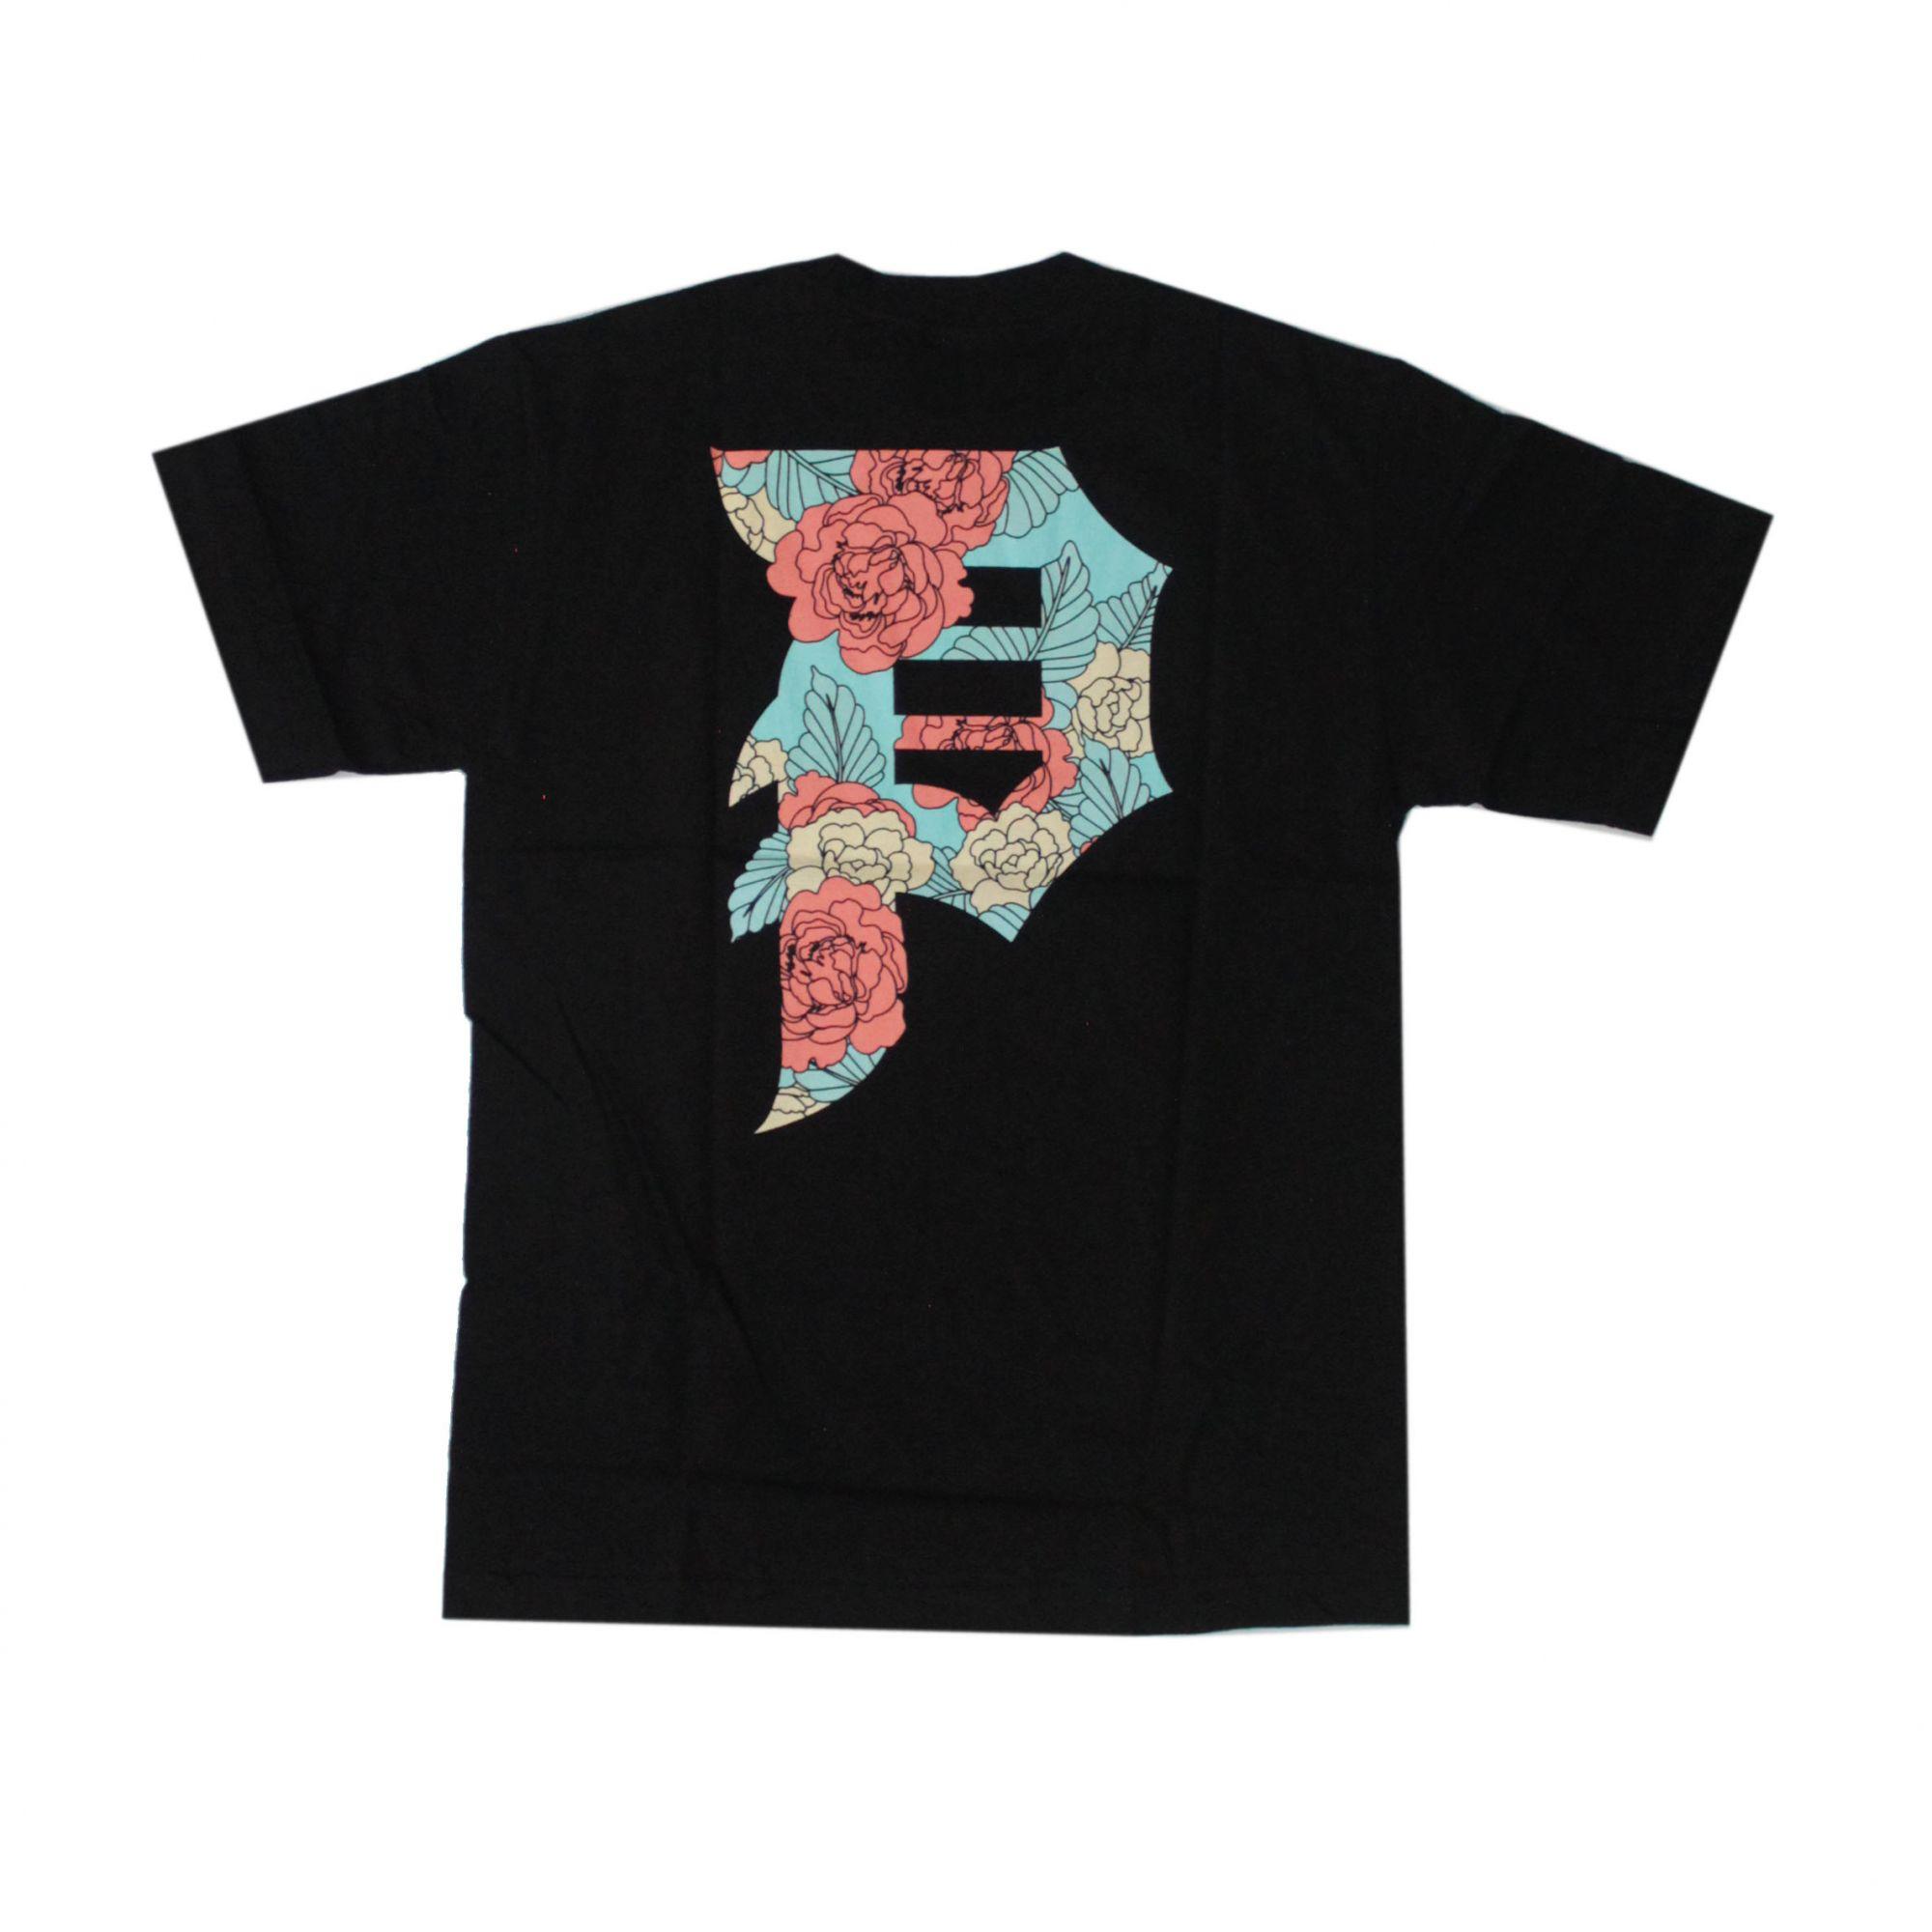 Camiseta Primitive Dirty P Casual Tee - Preto (Importado)